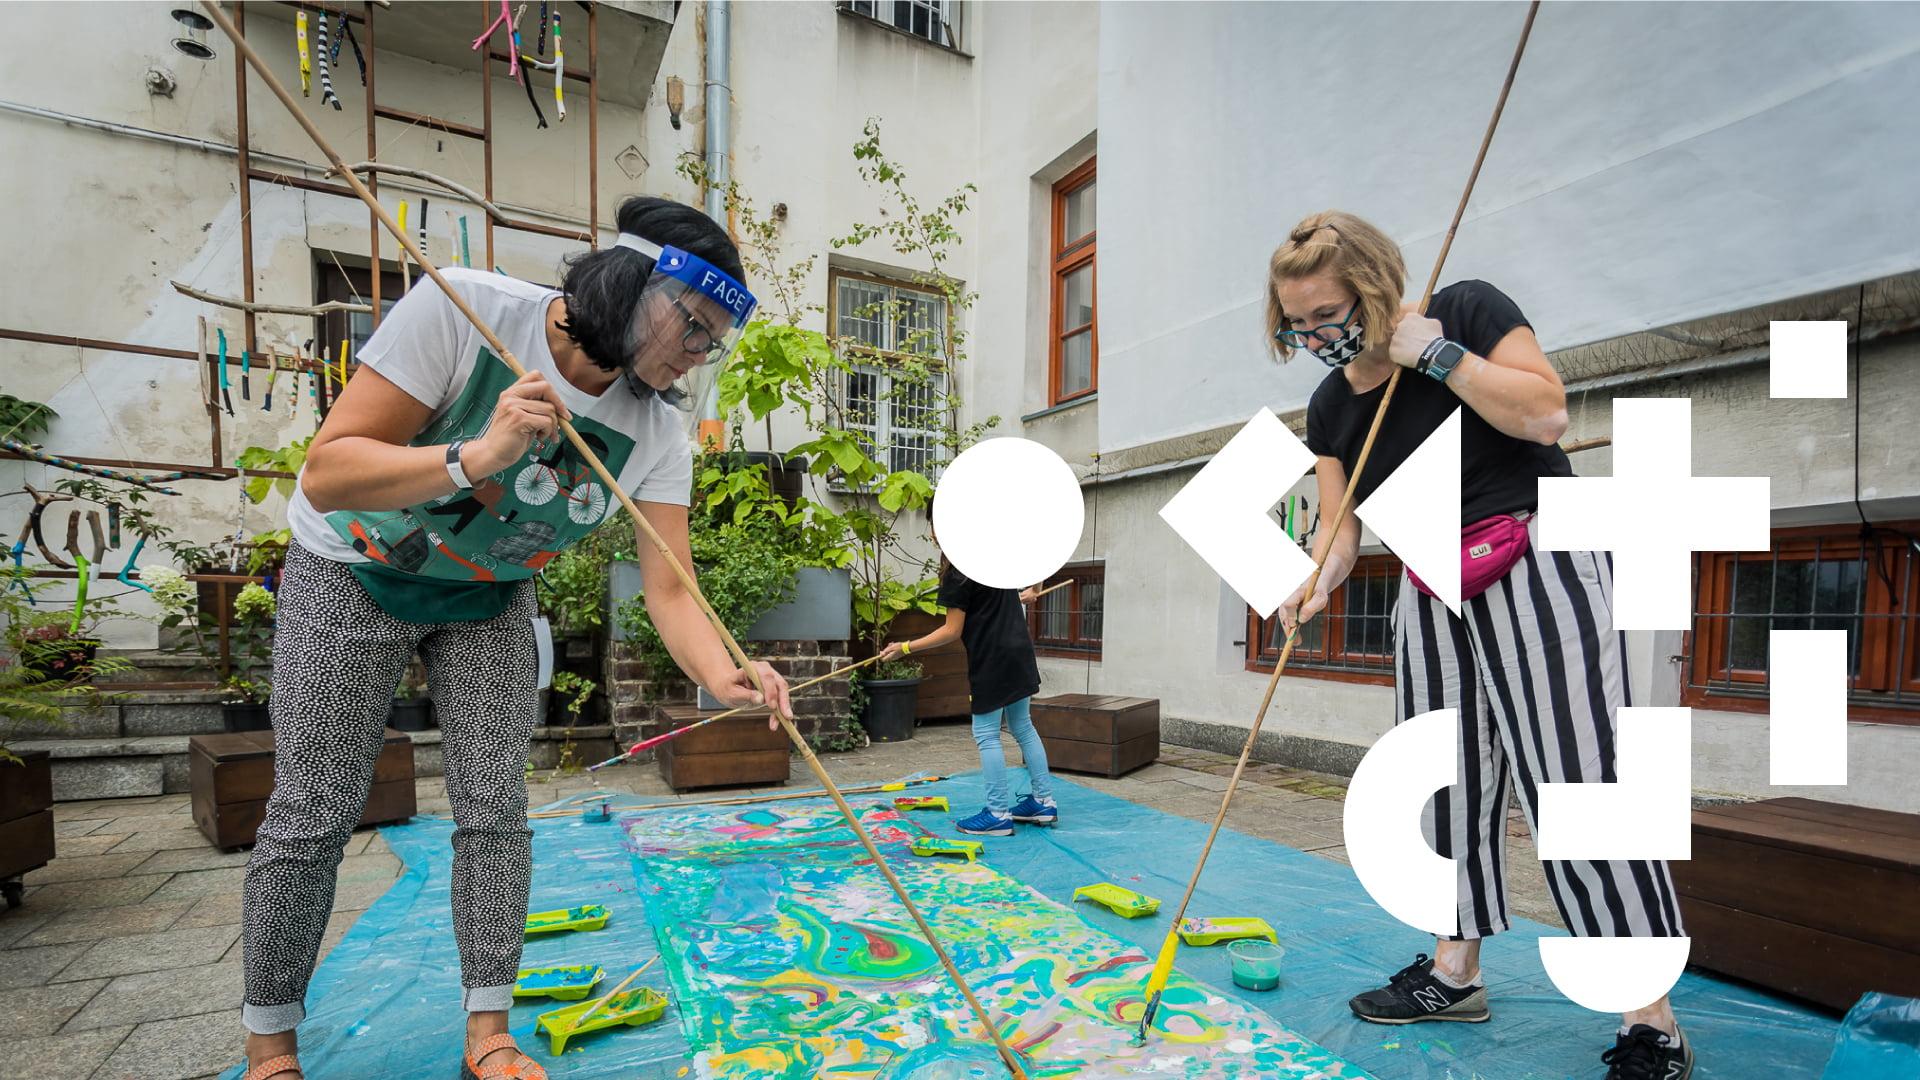 Trzy osoby malujące po materiale za pomocą pędzli na wysięgnikach. Po prawej stronie geometryczne elementy. W tle budynek oraz rośliny.